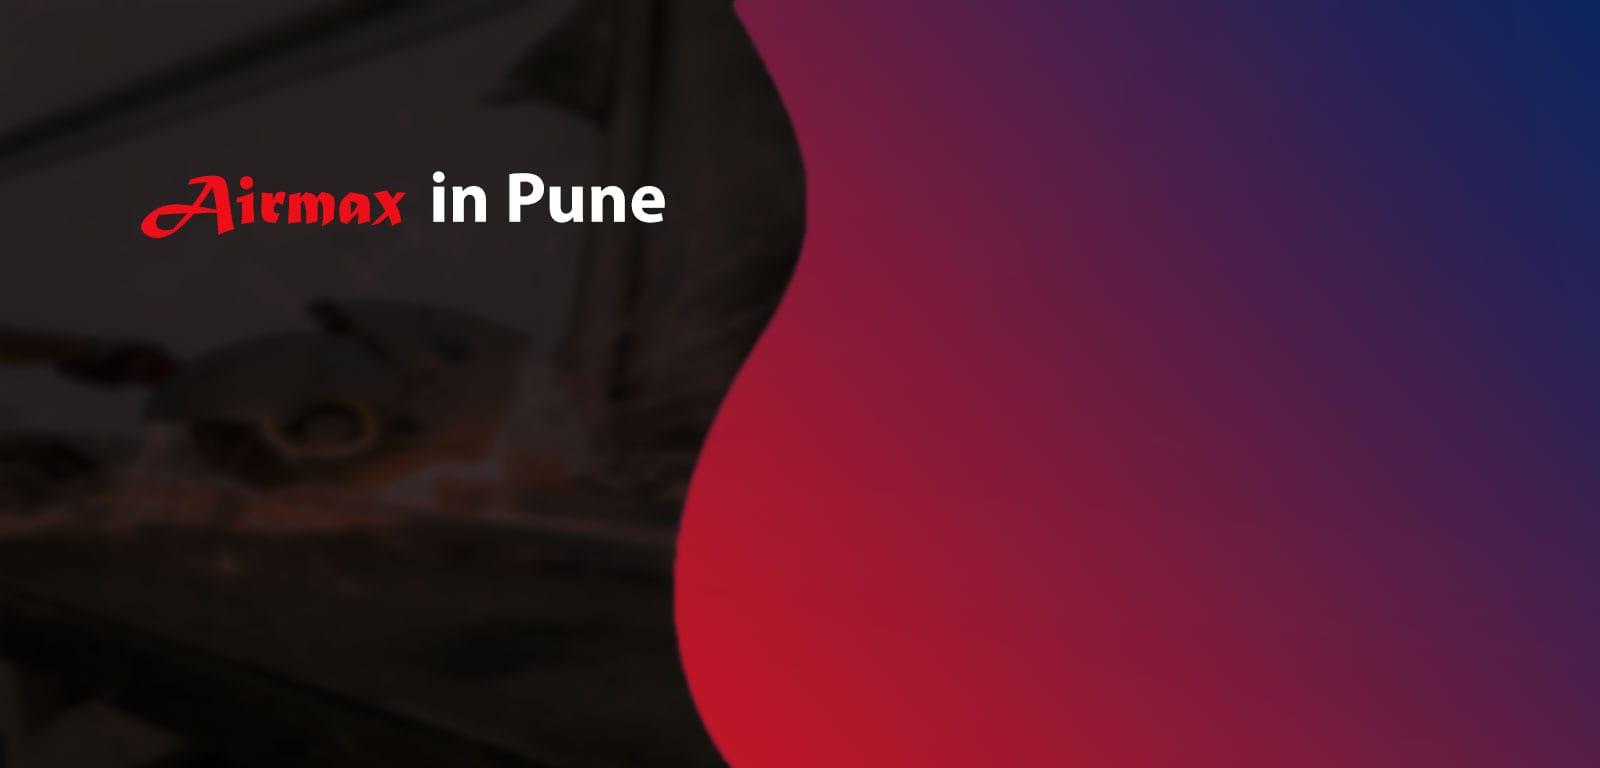 Airmax in Pune